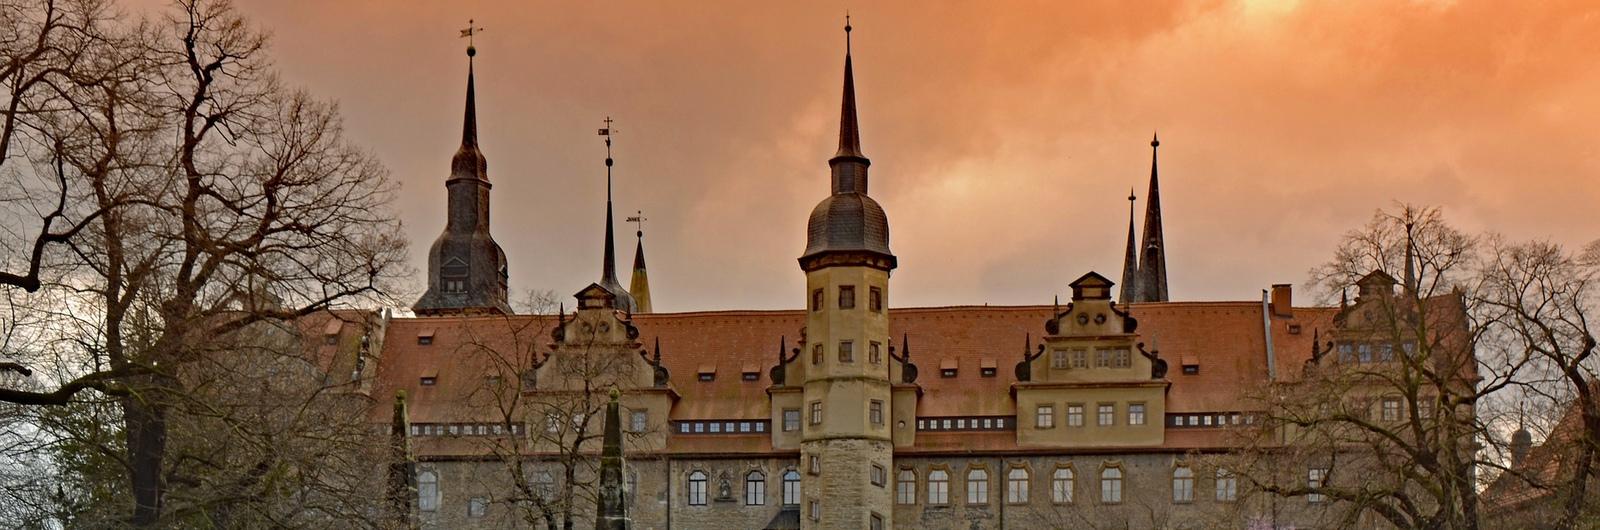 merseburg city header